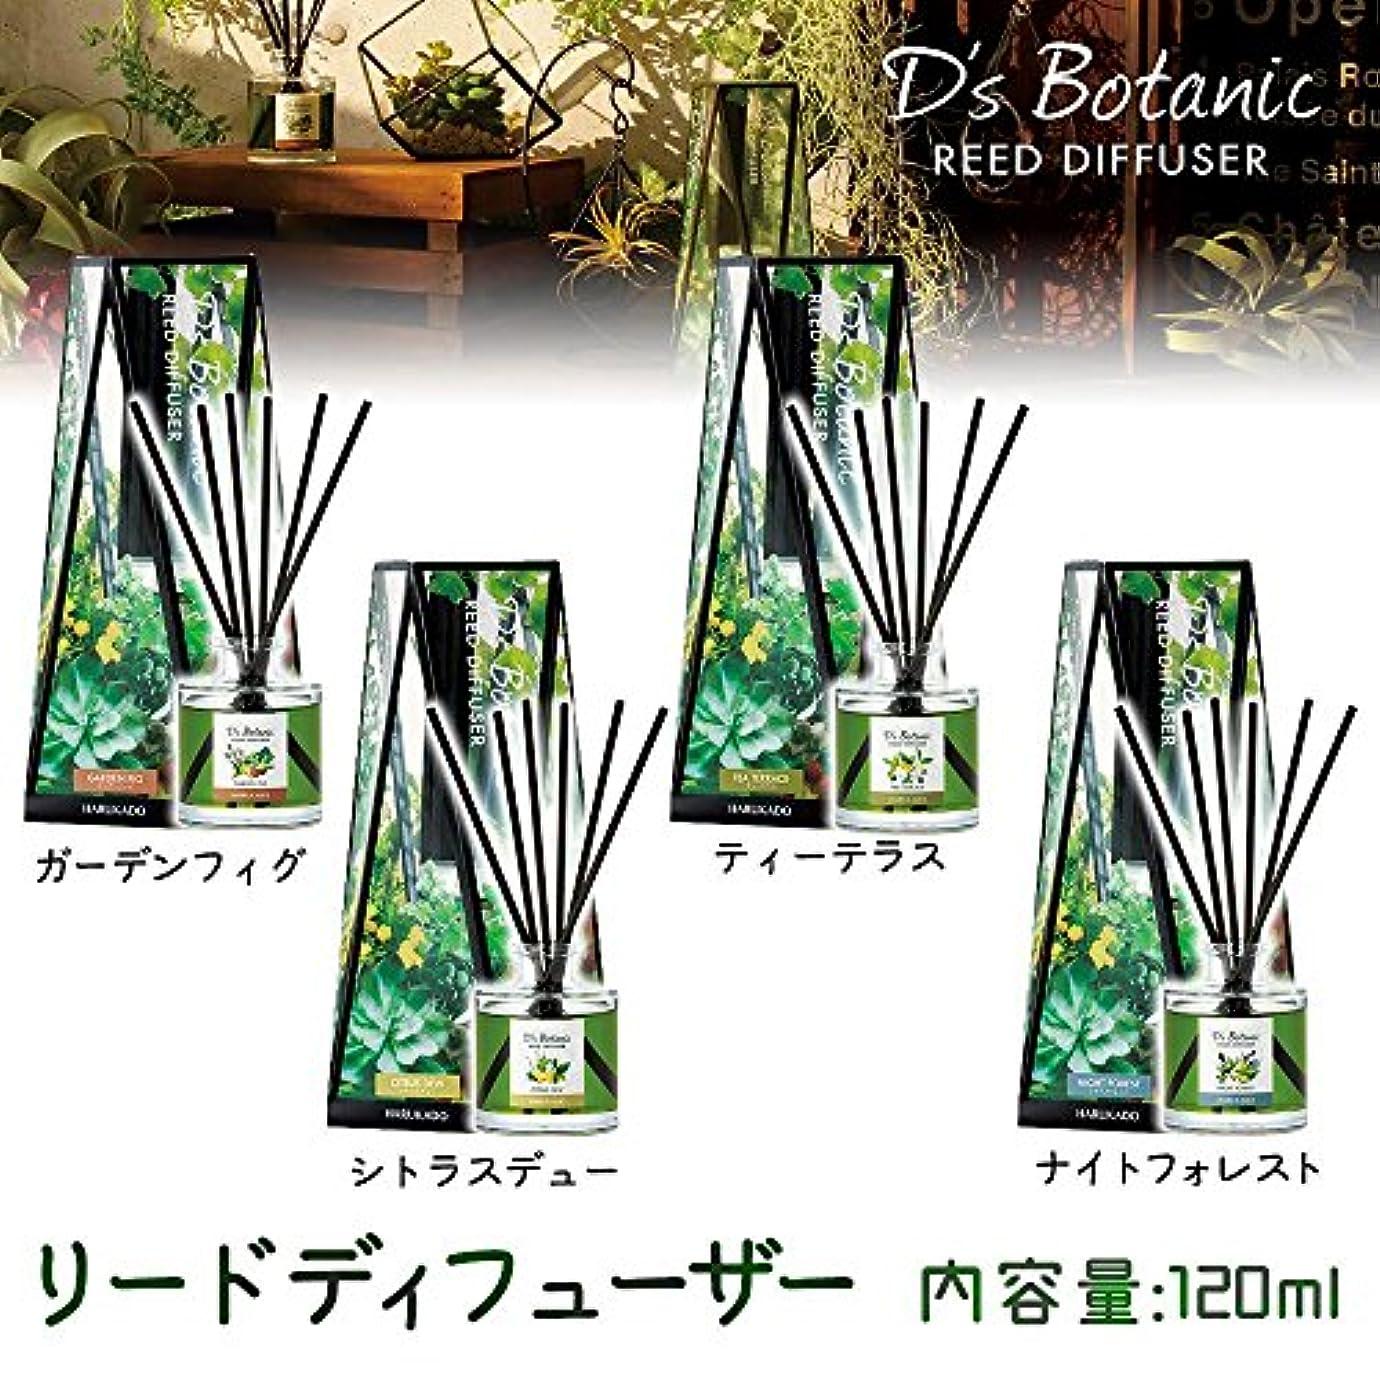 積分アスリート変更可能D'S Botanic(デイズボタニック) リードディフューザー ルームフレグランス 120ml ナイトフォレスト?6231【人気 おすすめ 】